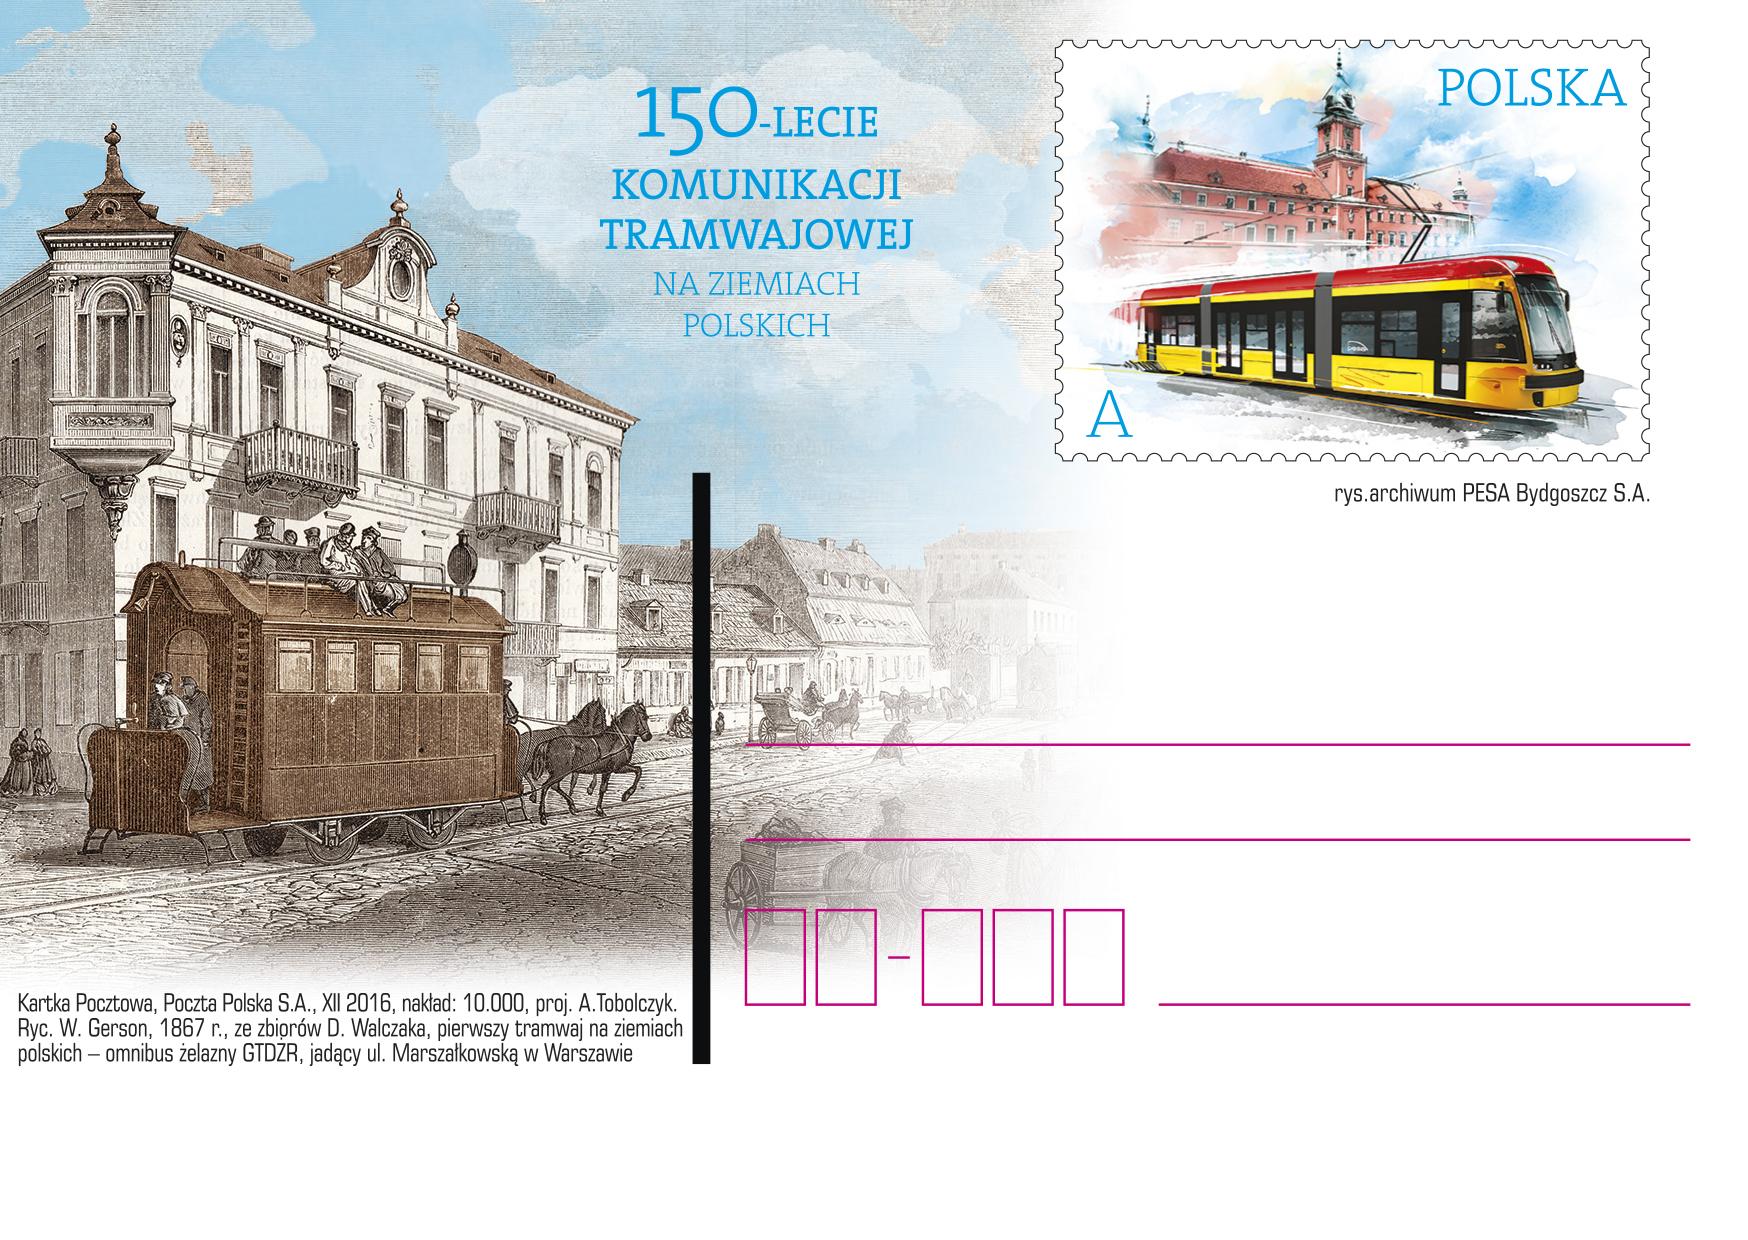 波兰12月11日发行波兰电车150周年邮资片